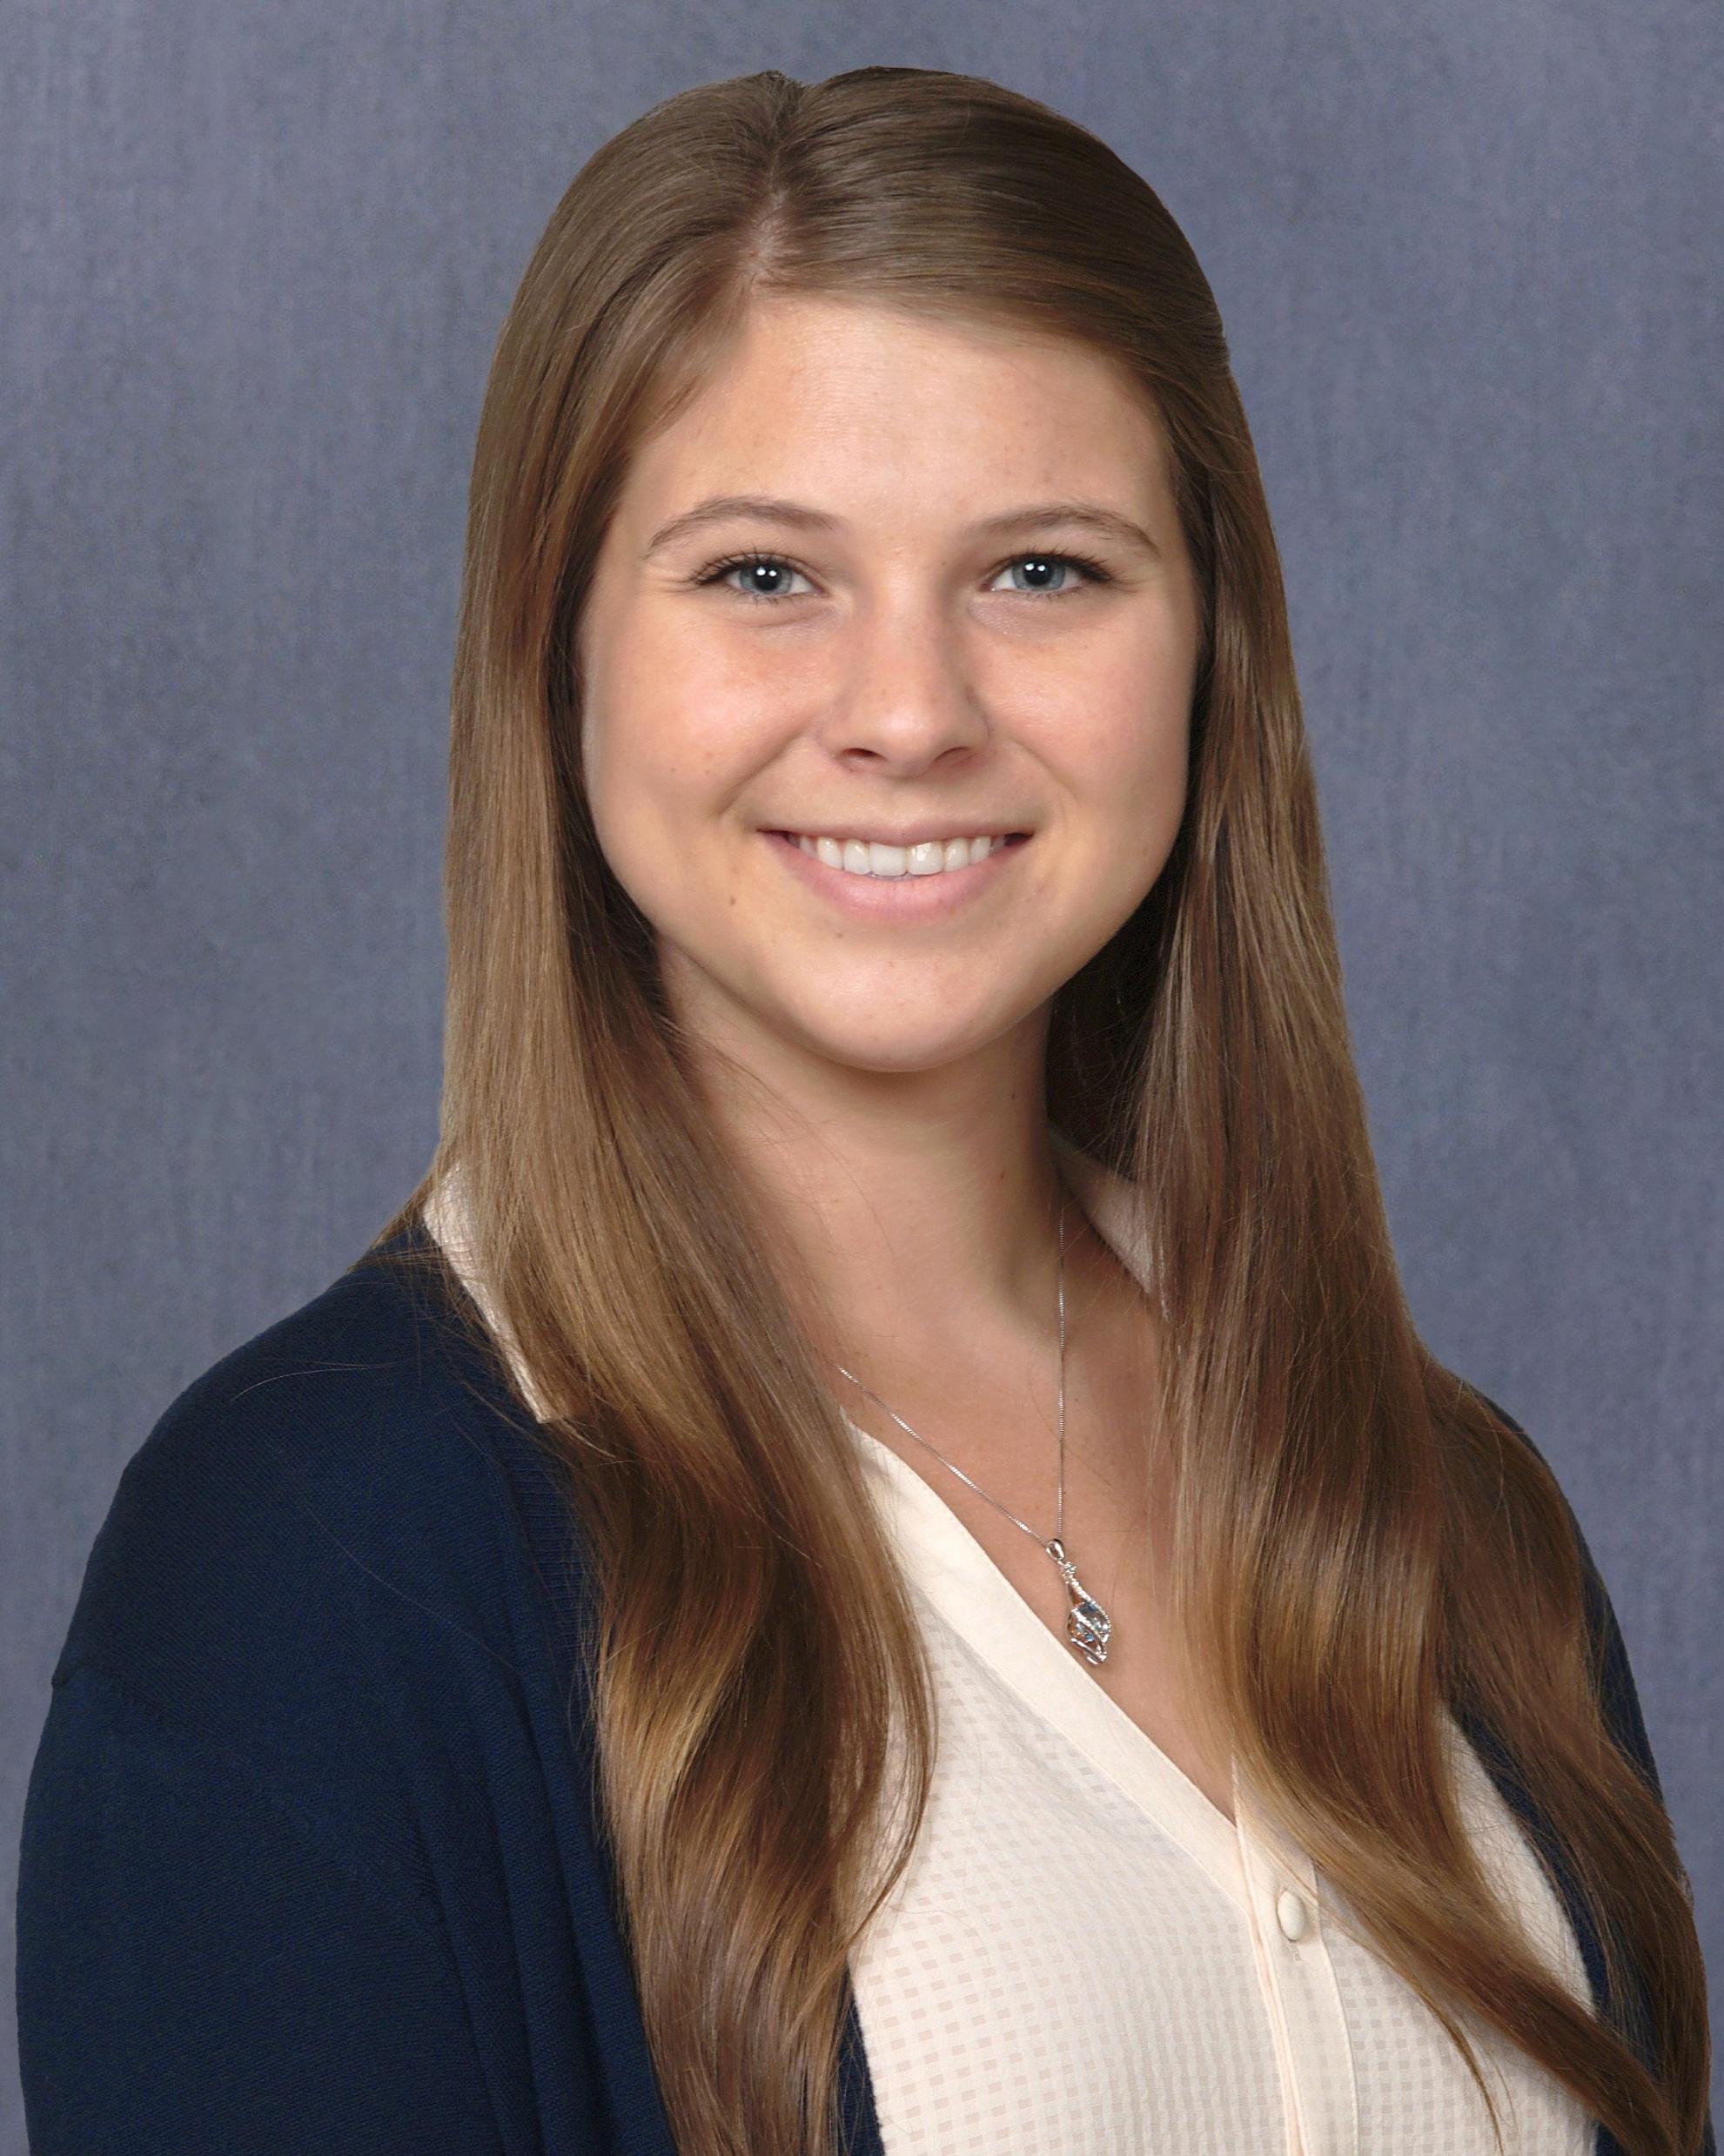 Hannah Malec